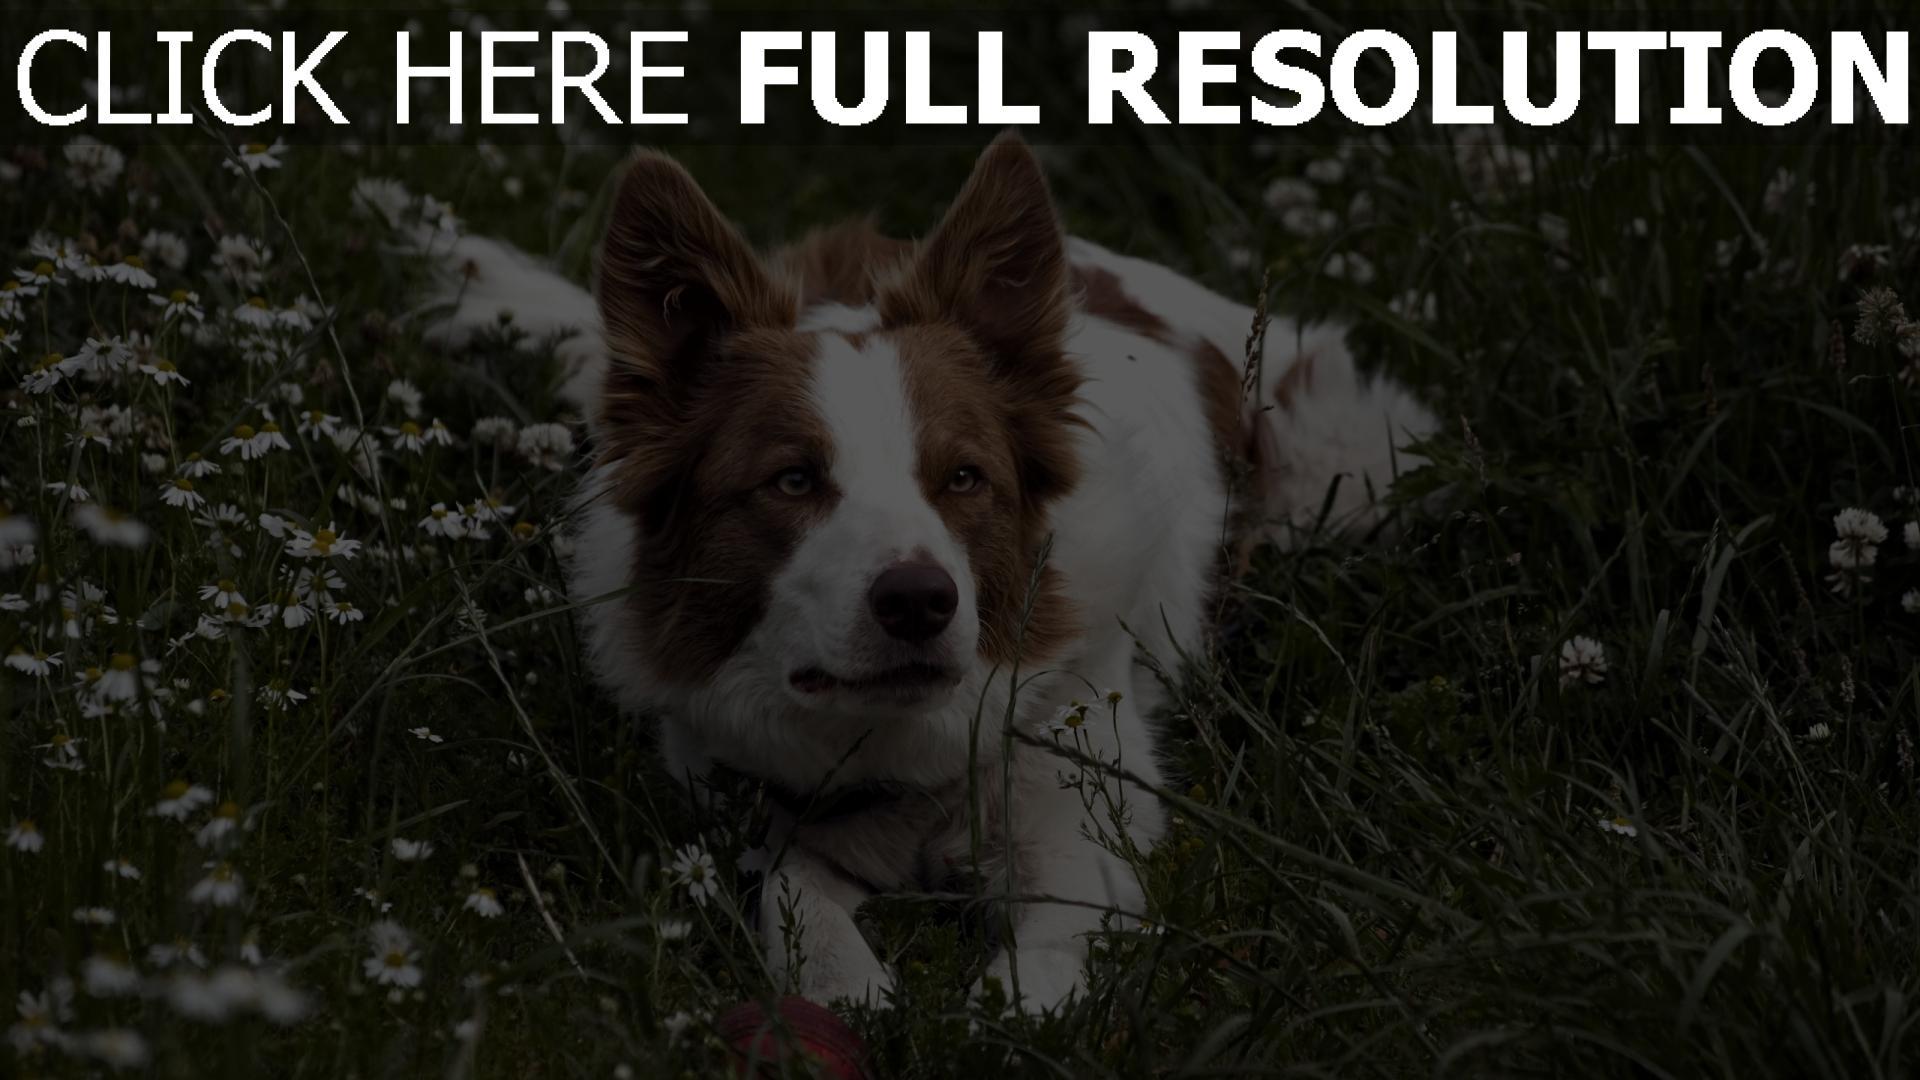 hd hintergrundbilder hund gras warten augen liegen 1920x1080